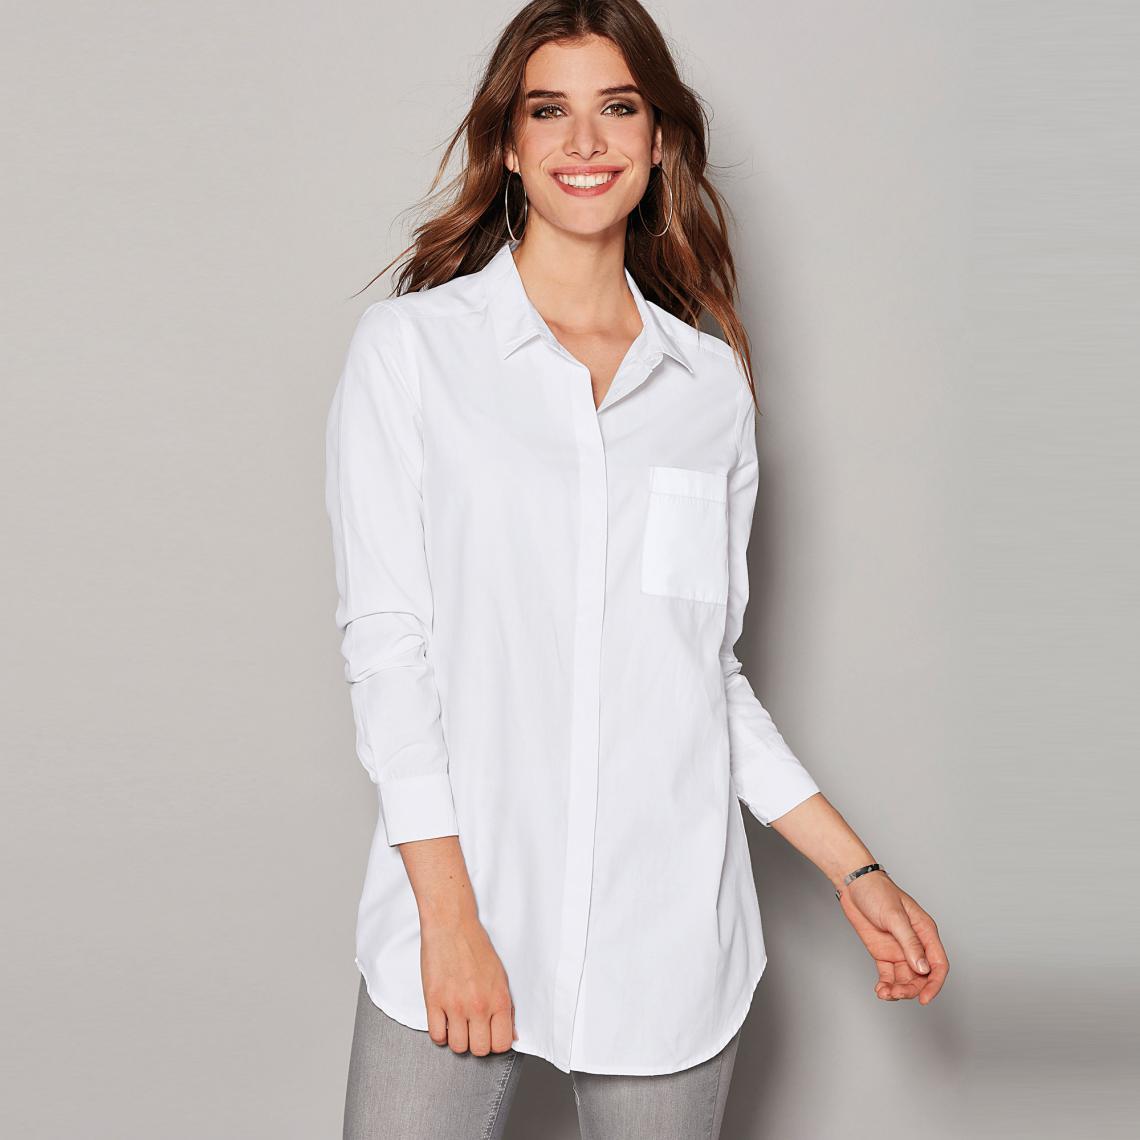 Chemise manches longues bas arrondi femme Blanc P8SVU